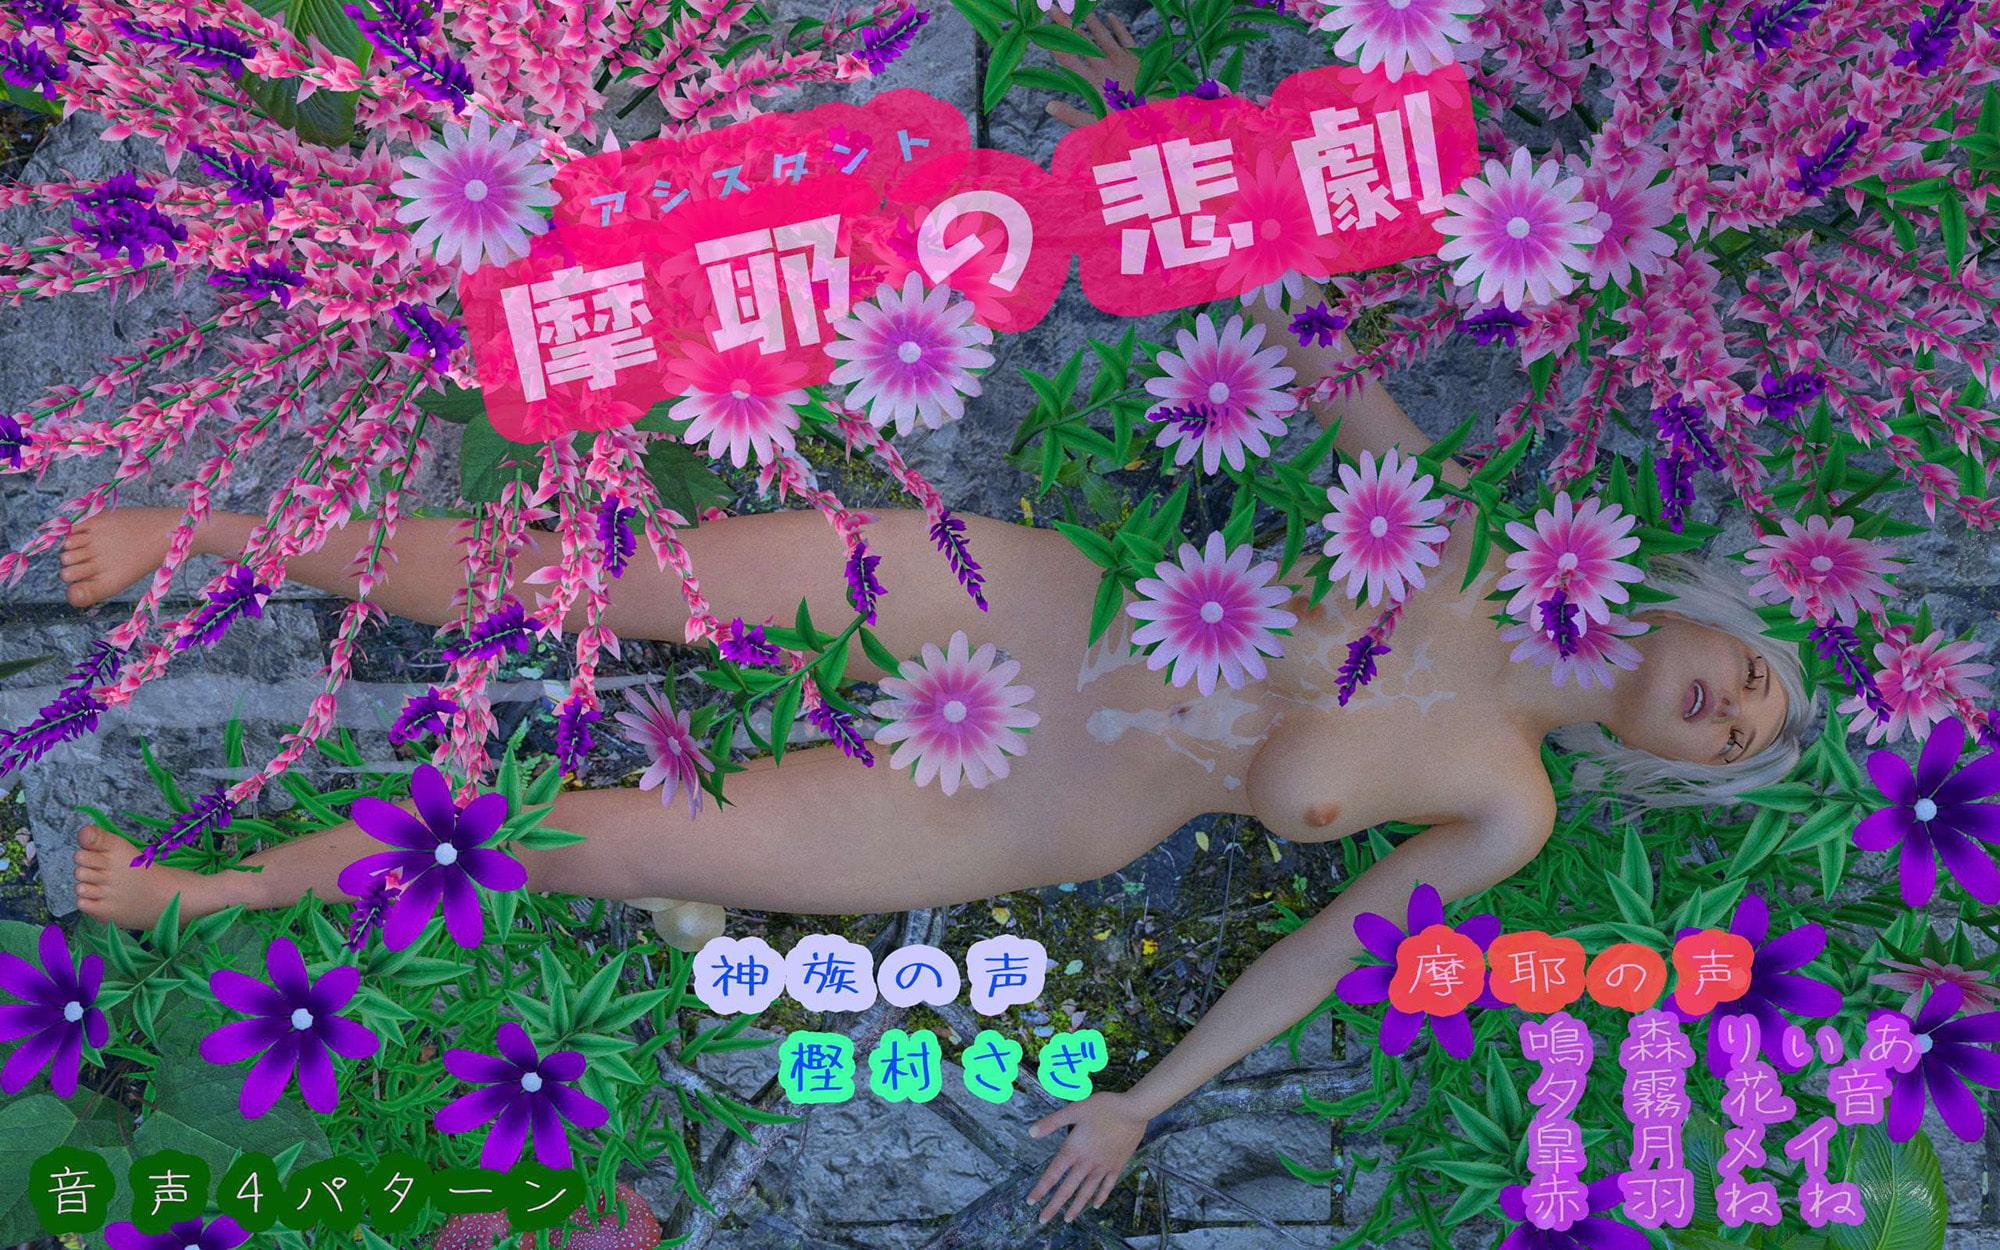 美少女戦士プリティマスク+吸精鬼モロガン+摩耶の悲劇 マルチ音声作品